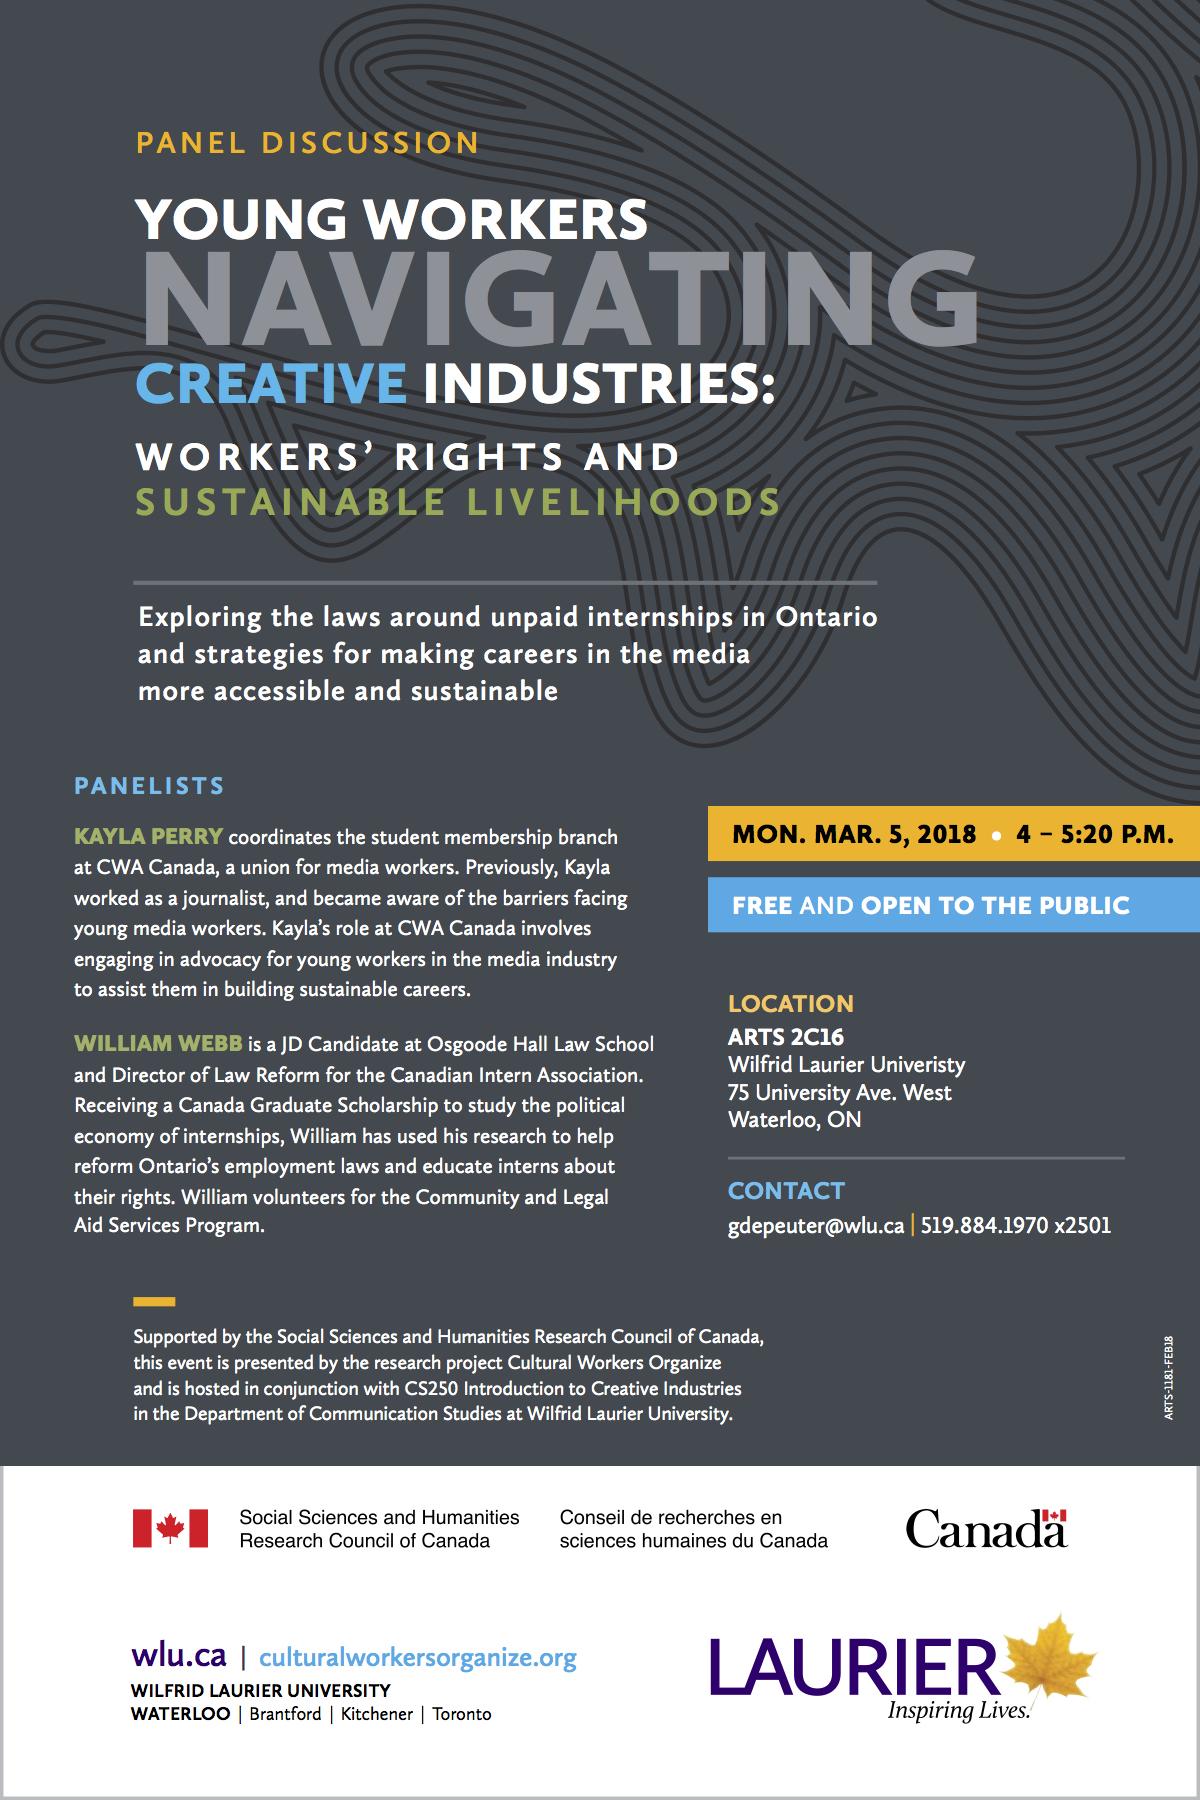 YoungWorkersCreativeIndustriesSustainableLivelihoods